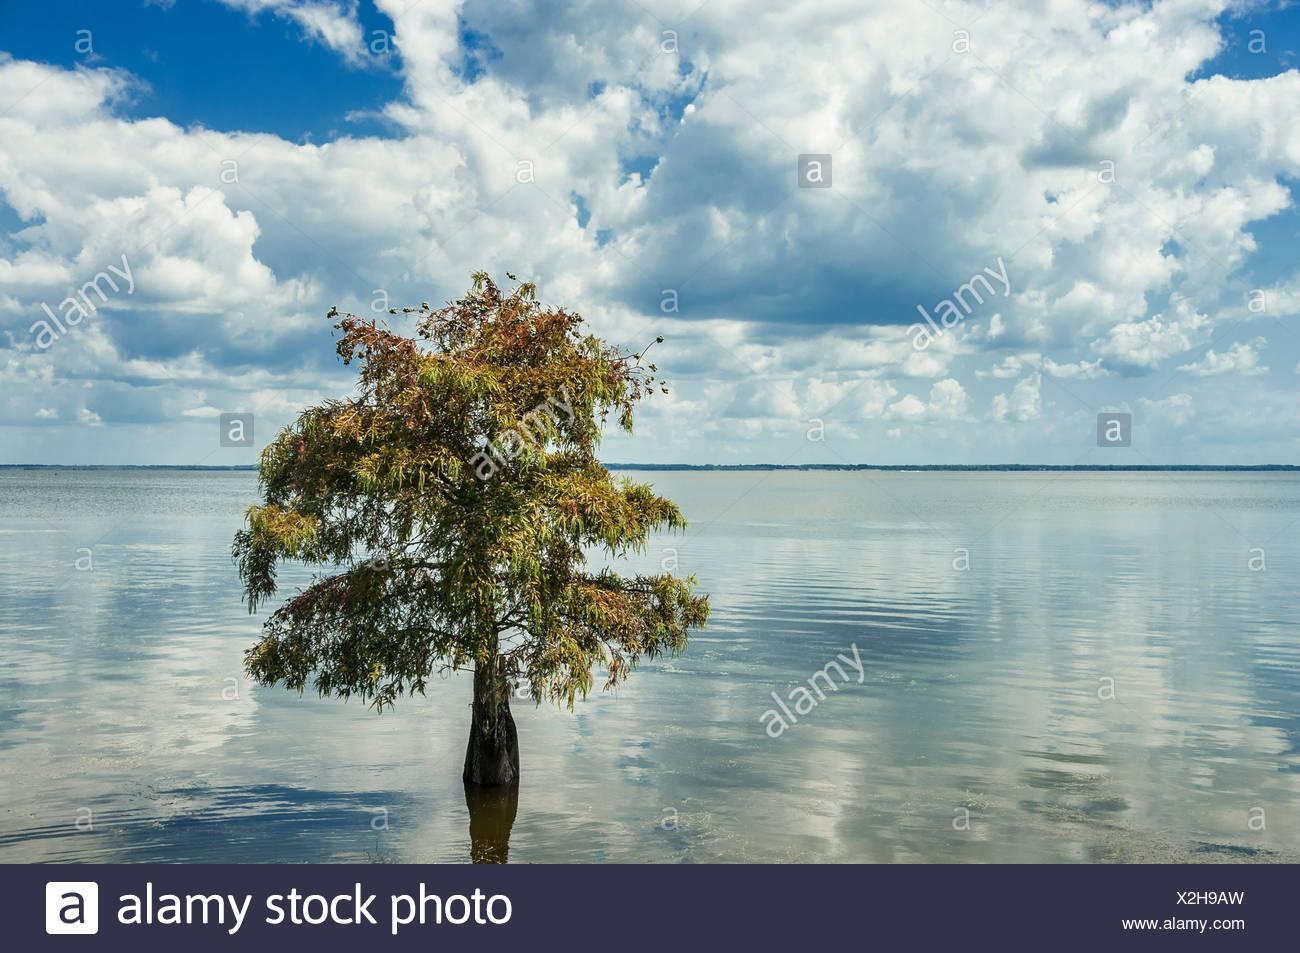 Ciprés solitario en el agua. Taxodium distichum Imagen De Stock